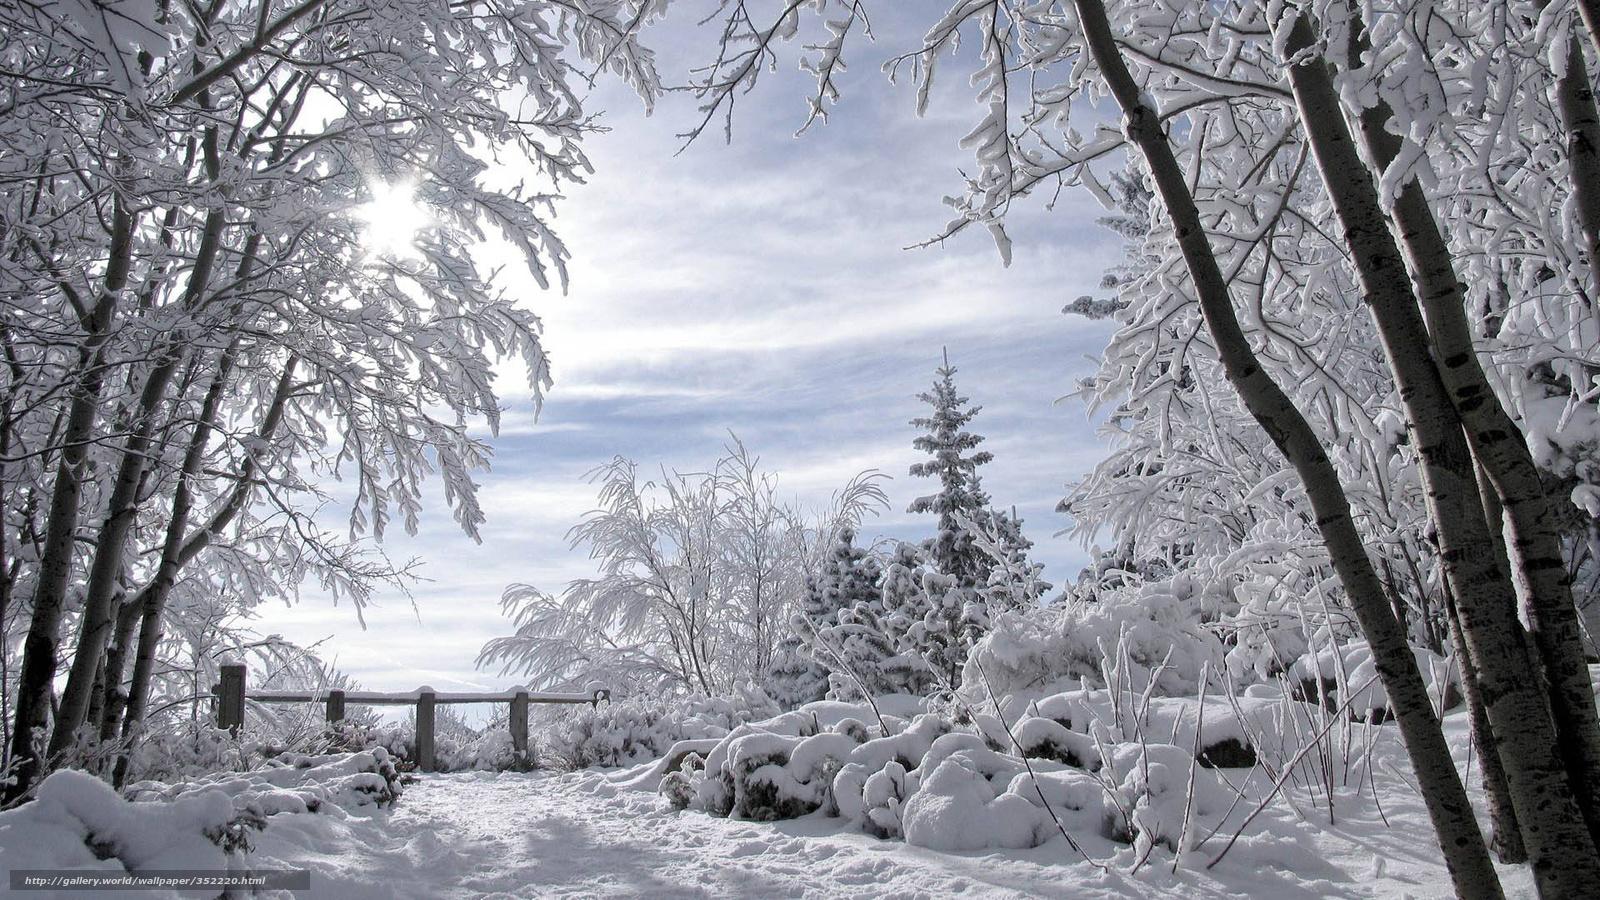 Scaricare gli sfondi paesaggio invernale alberi coperti for Sfondi gratis desktop inverno